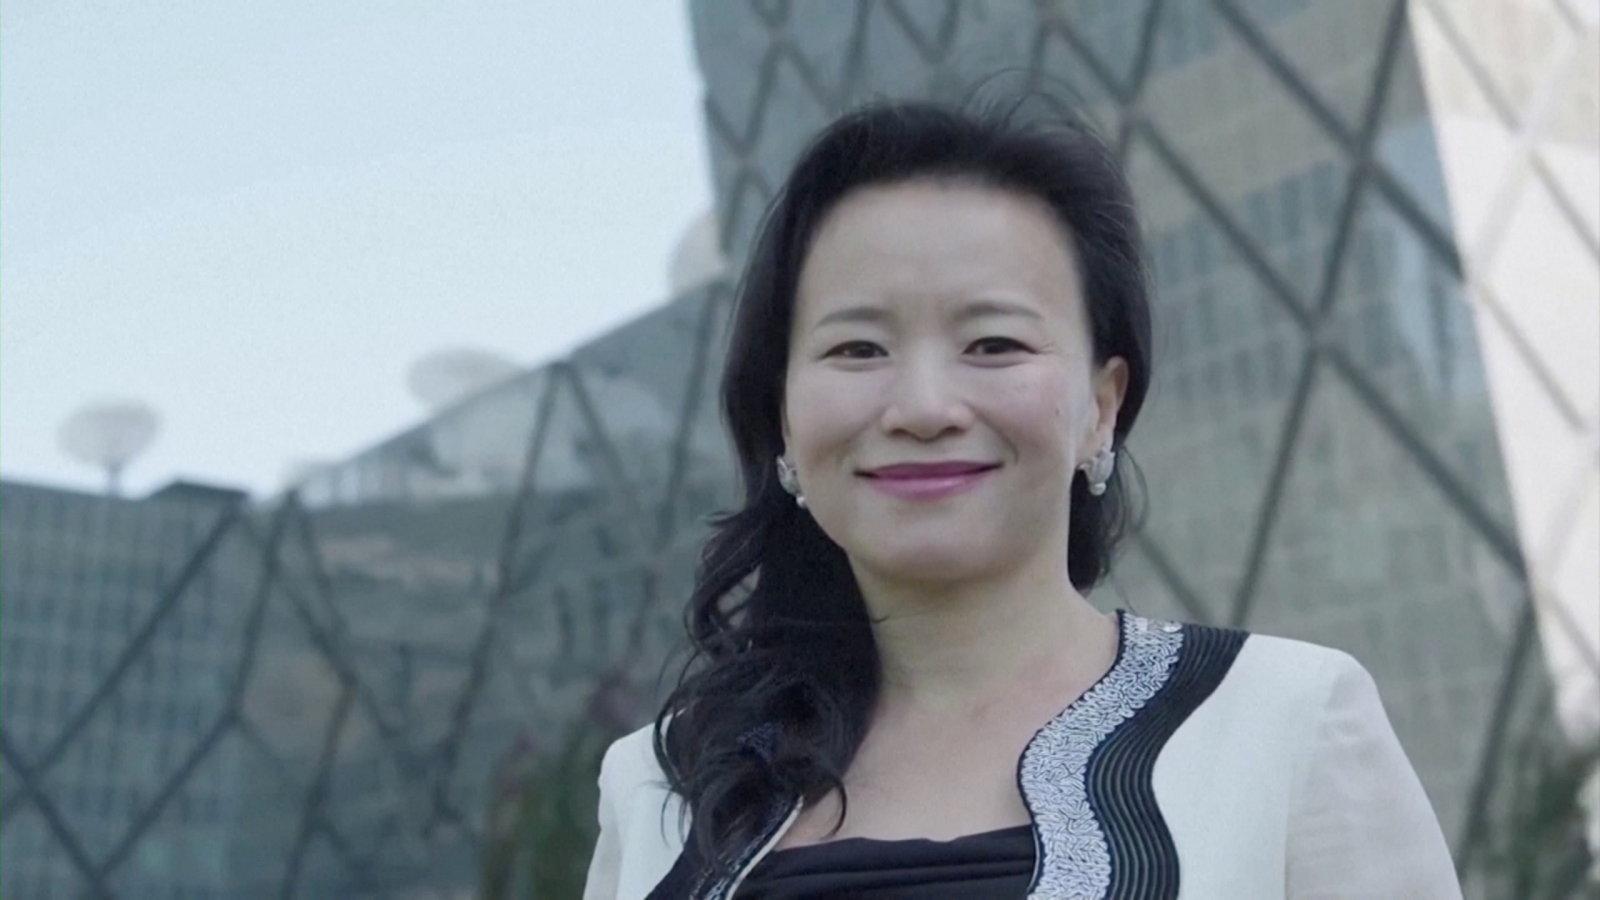 Hiina esitas Austraalia kodanikust teleajakirjanikule spionaažisüüdistuse: